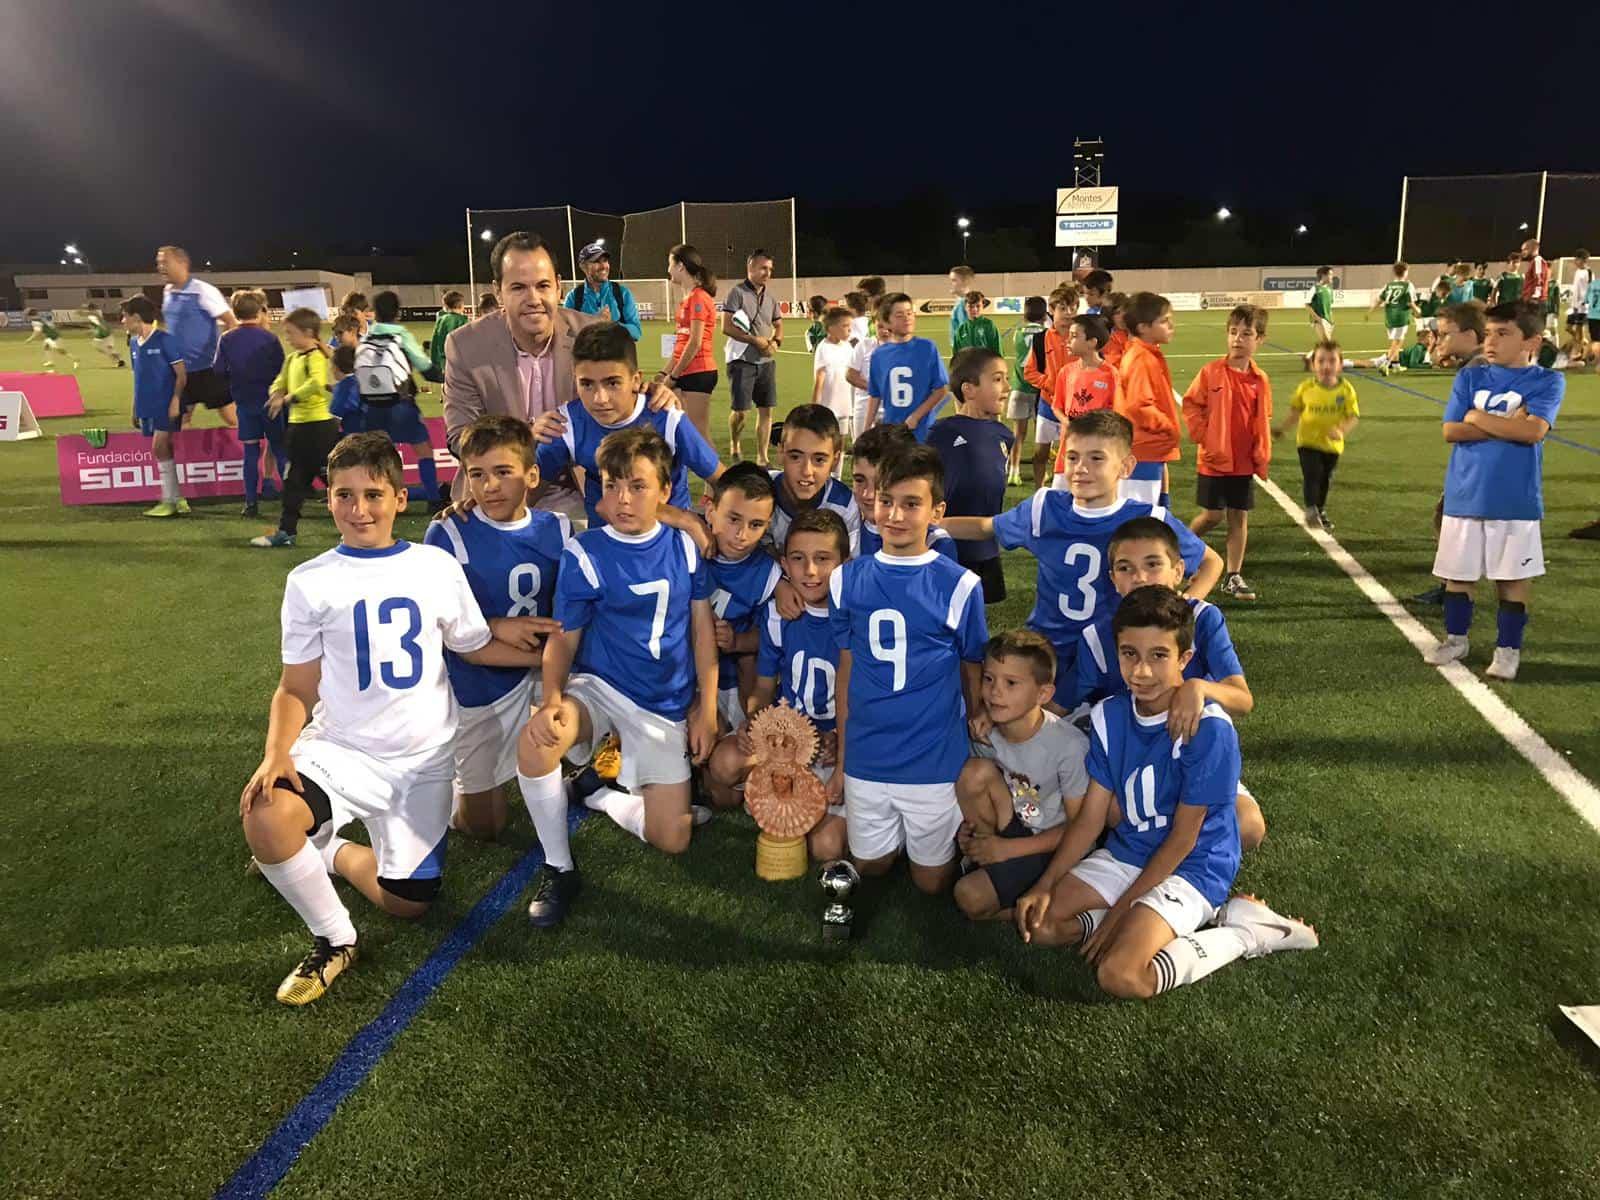 """VII Torneo futbol 8 soledad herencia 9 - Más de 300 chavales se dieron cita en el VIII Torneo de Fútbol-8 """"Virgen de la Soledad"""""""